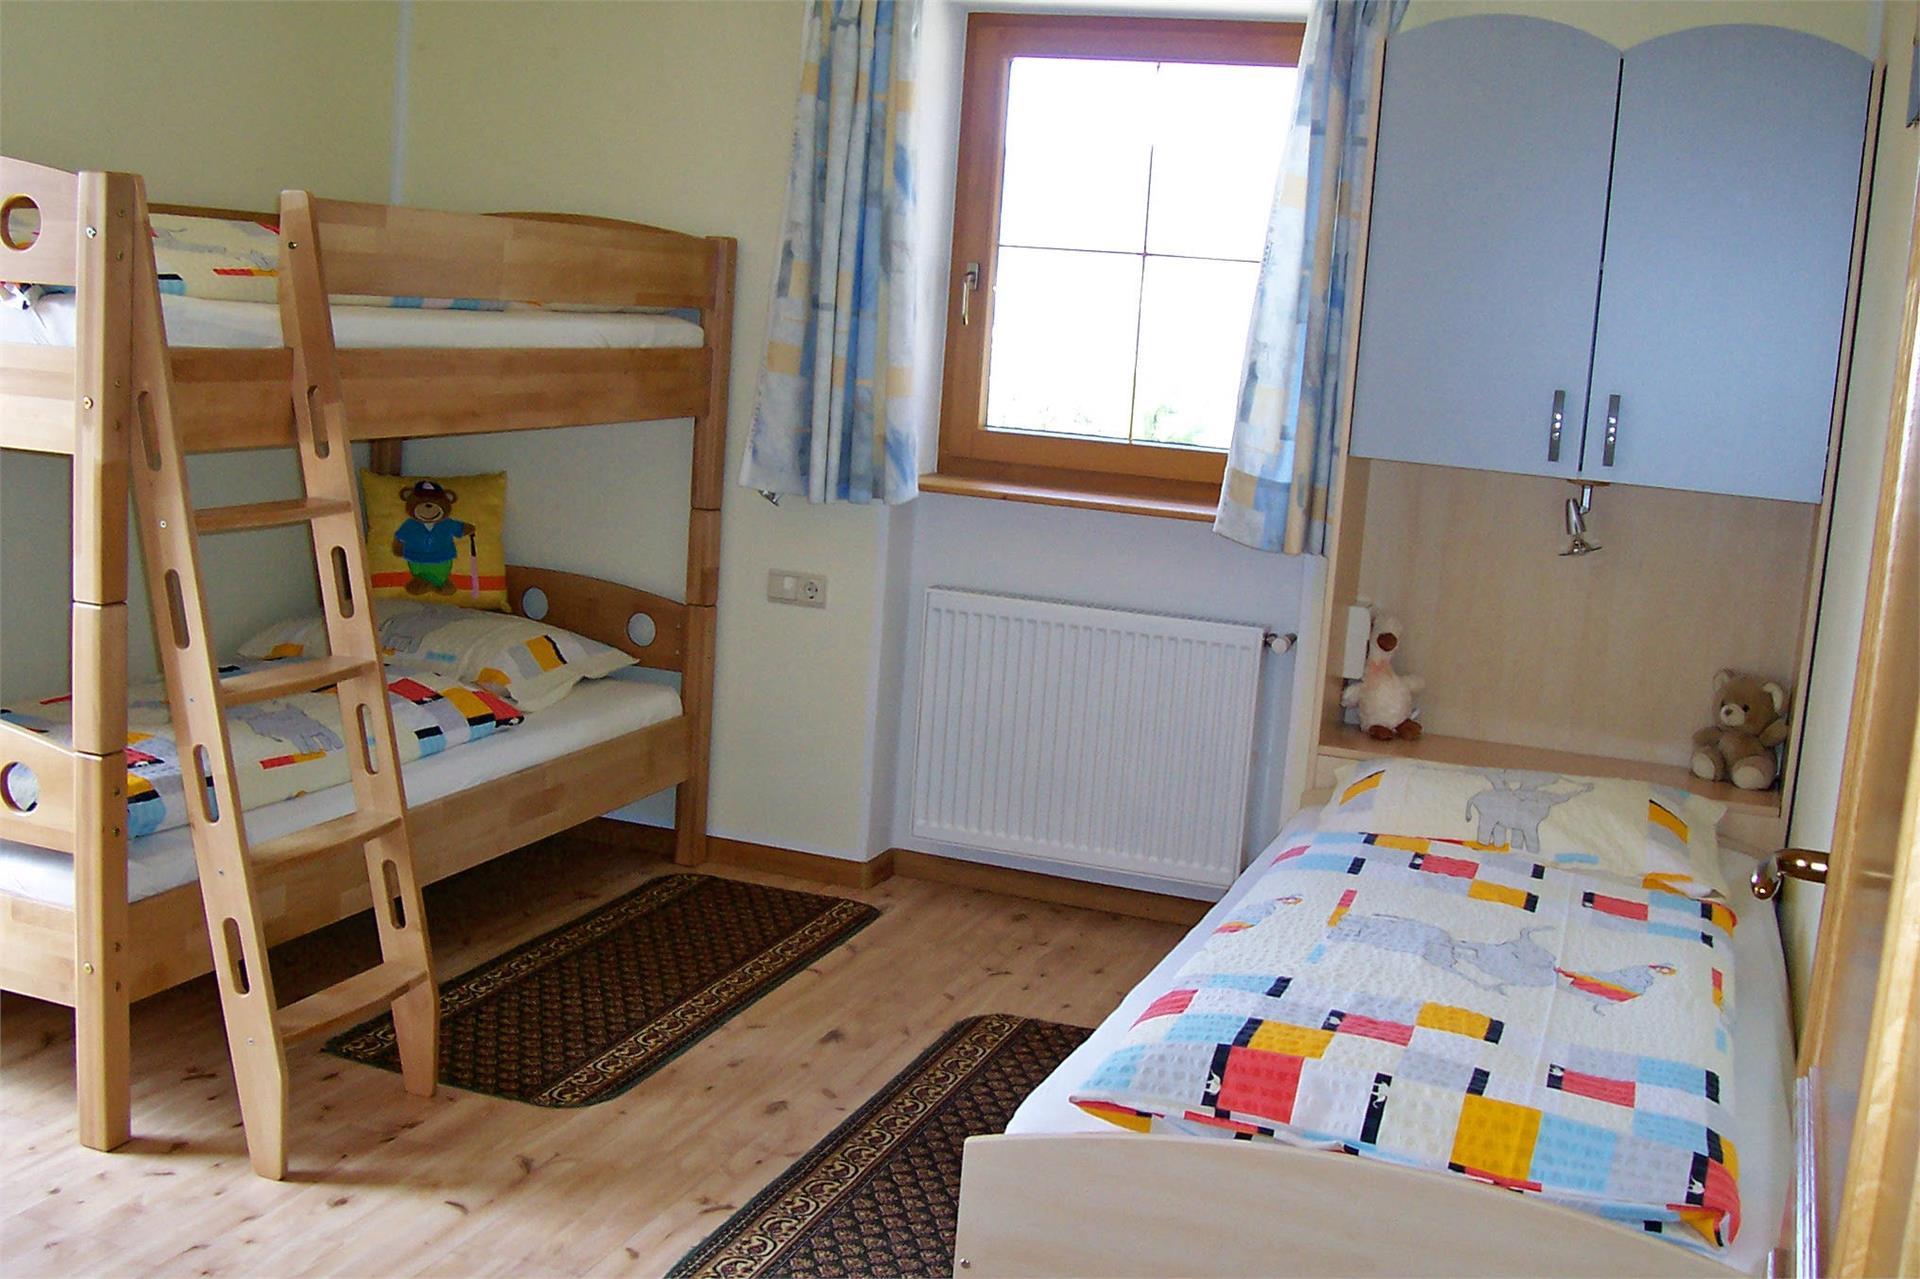 Kinderzimmer in Wohnung